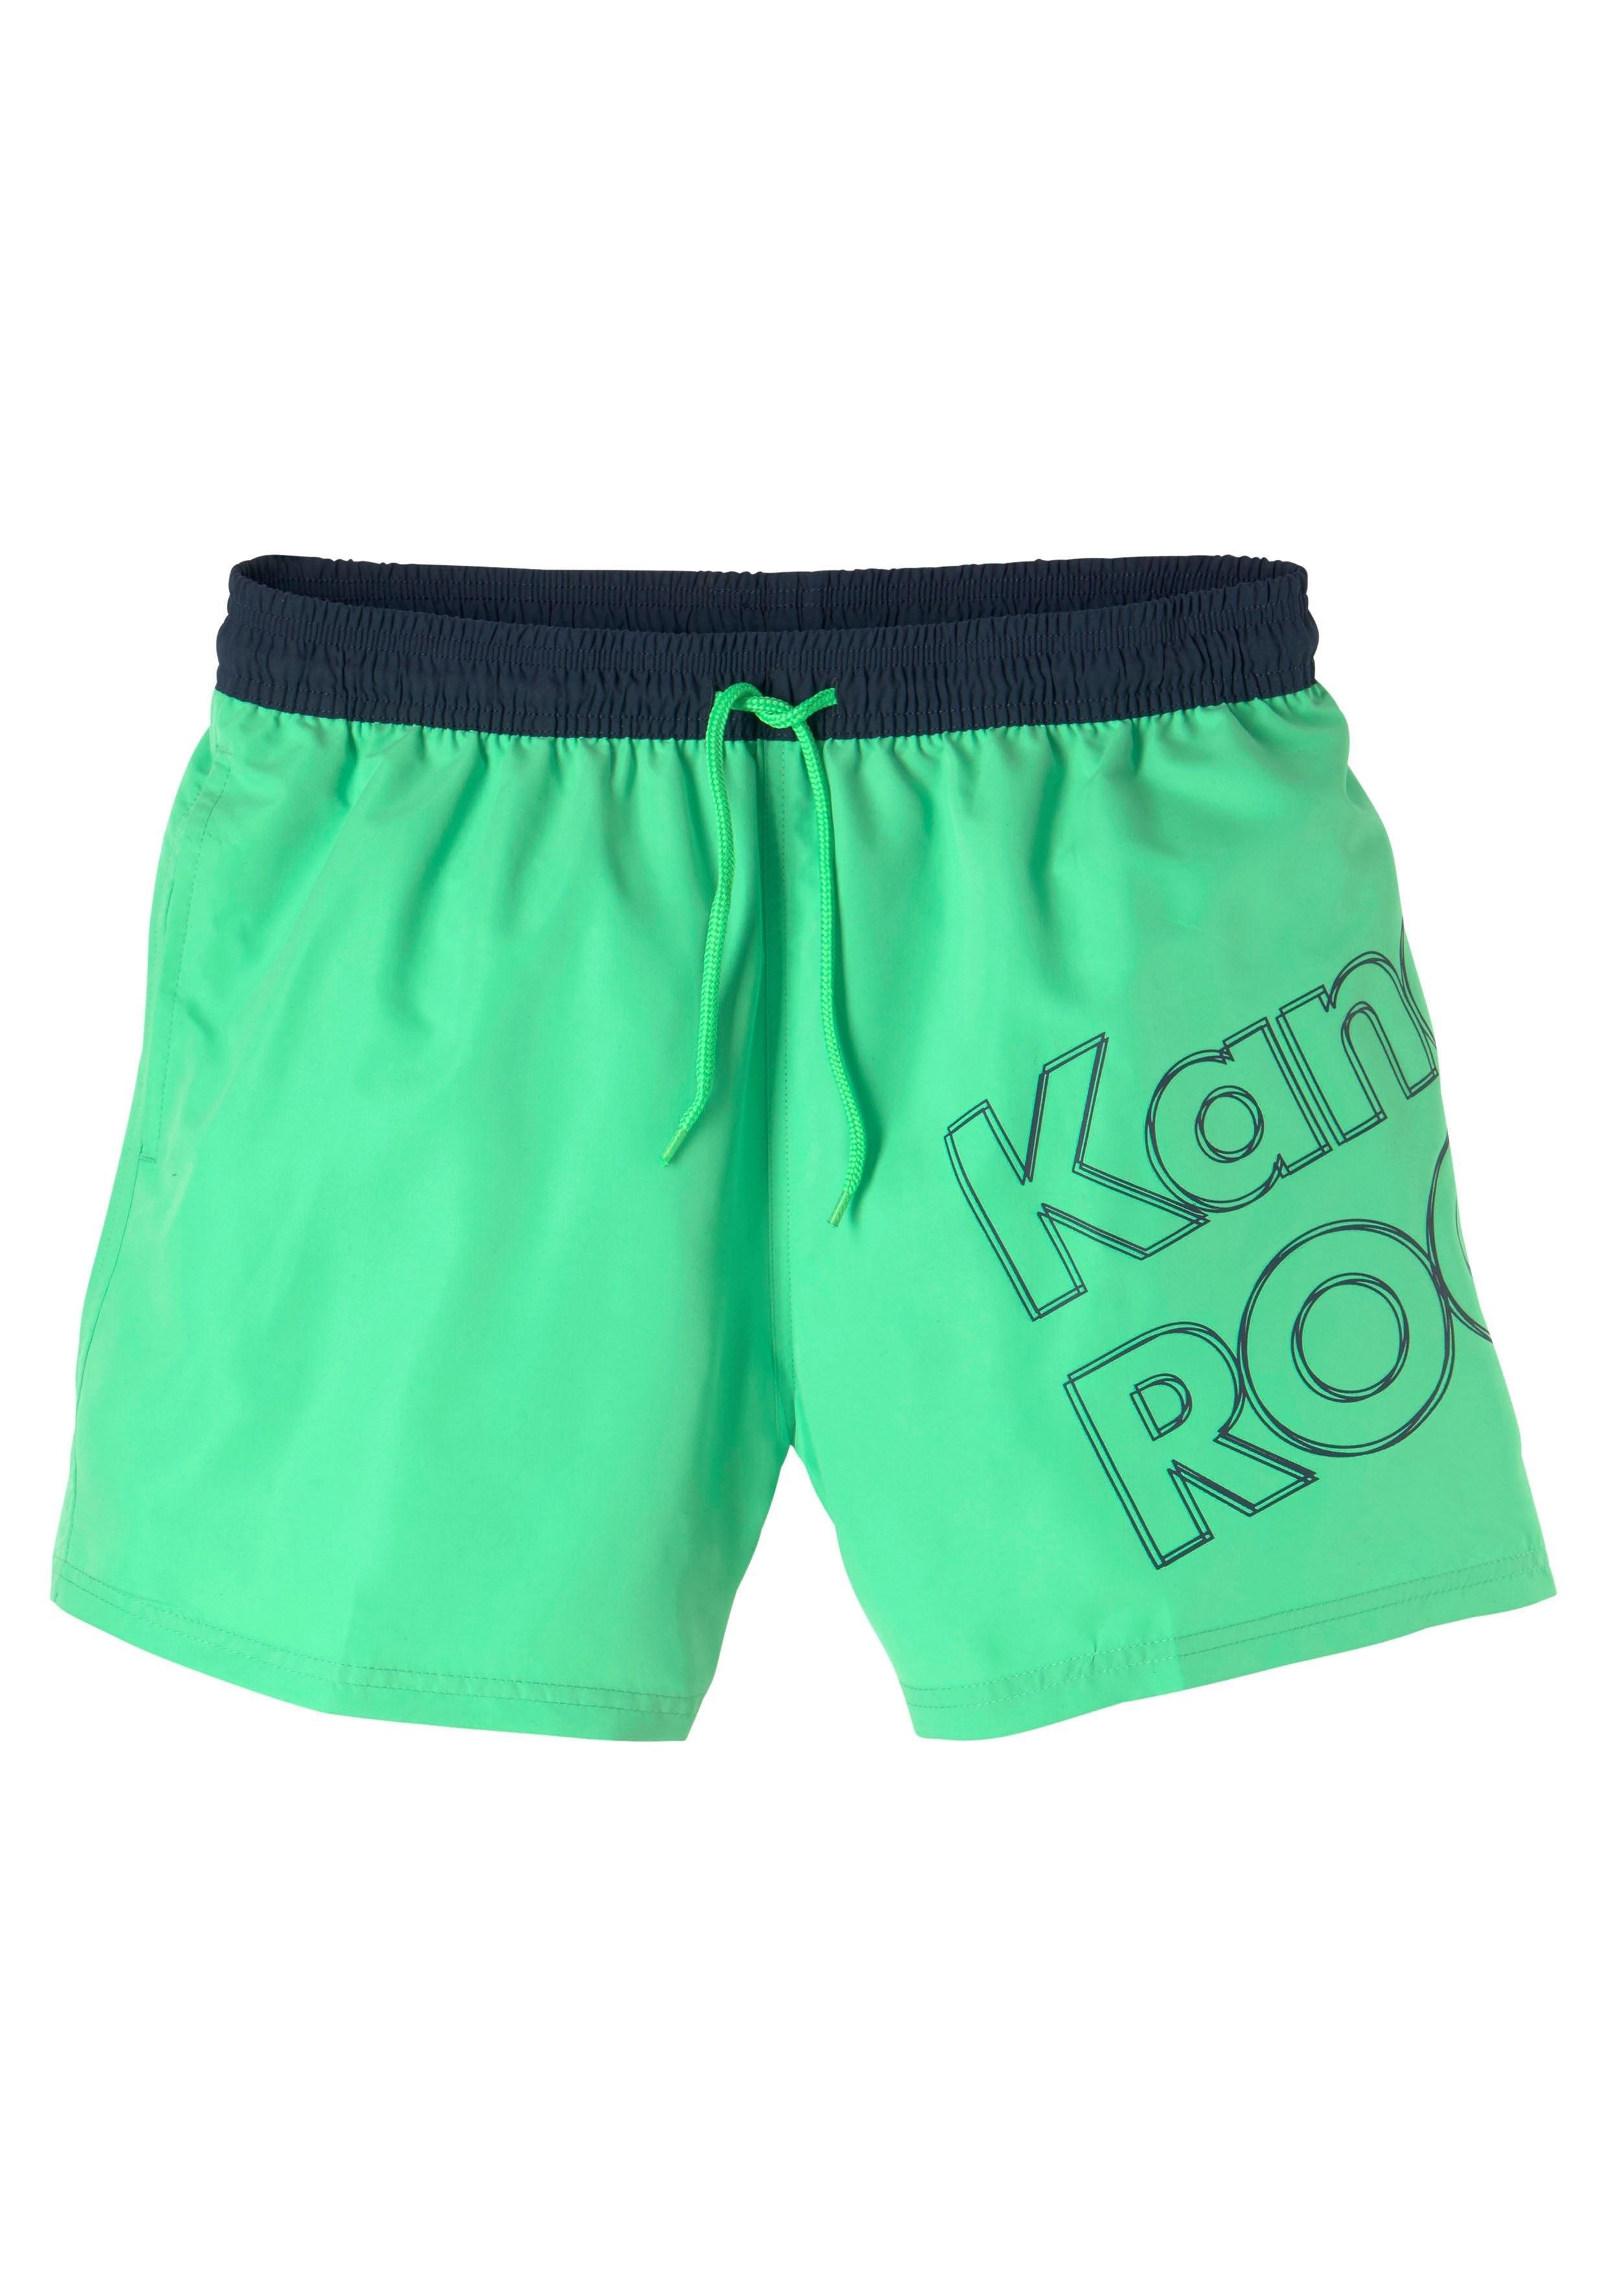 KangaROOS Zwemshort met groot logo-opschrift bestellen: 30 dagen bedenktijd